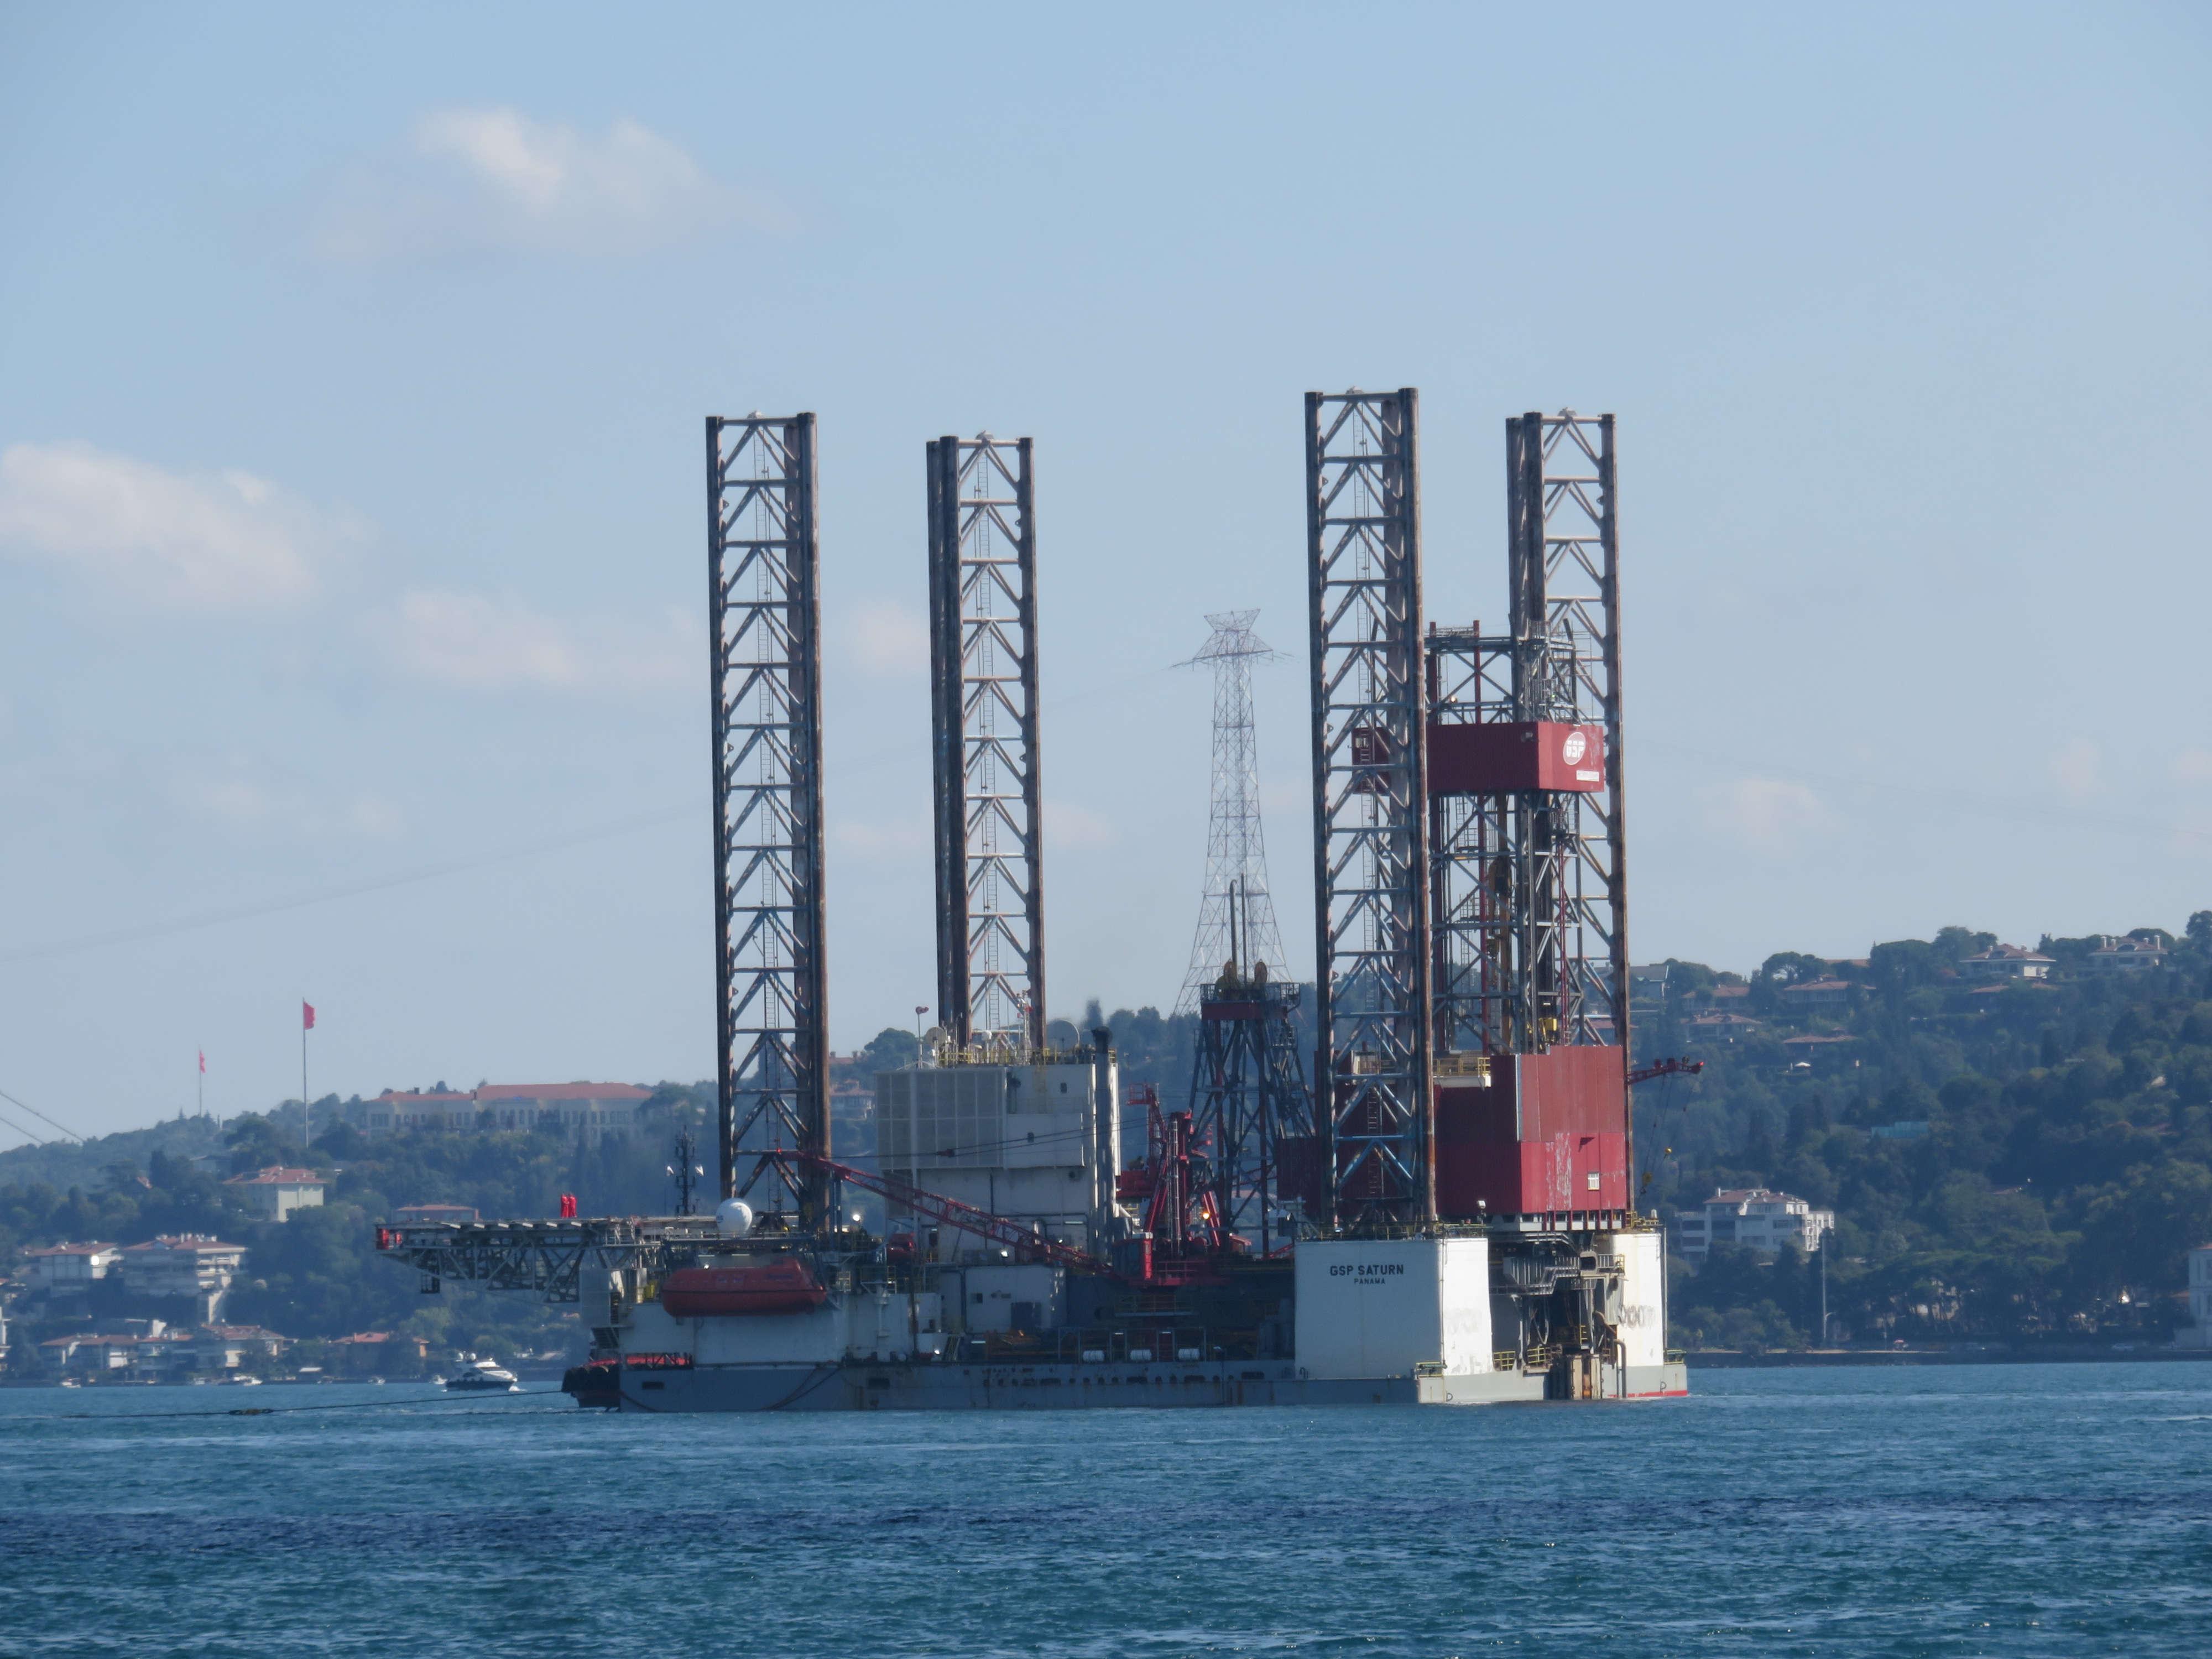 dev-petrol-platformu-istanbul-bogazindan-geciyor-1-5711-dhaphoto8.jpg